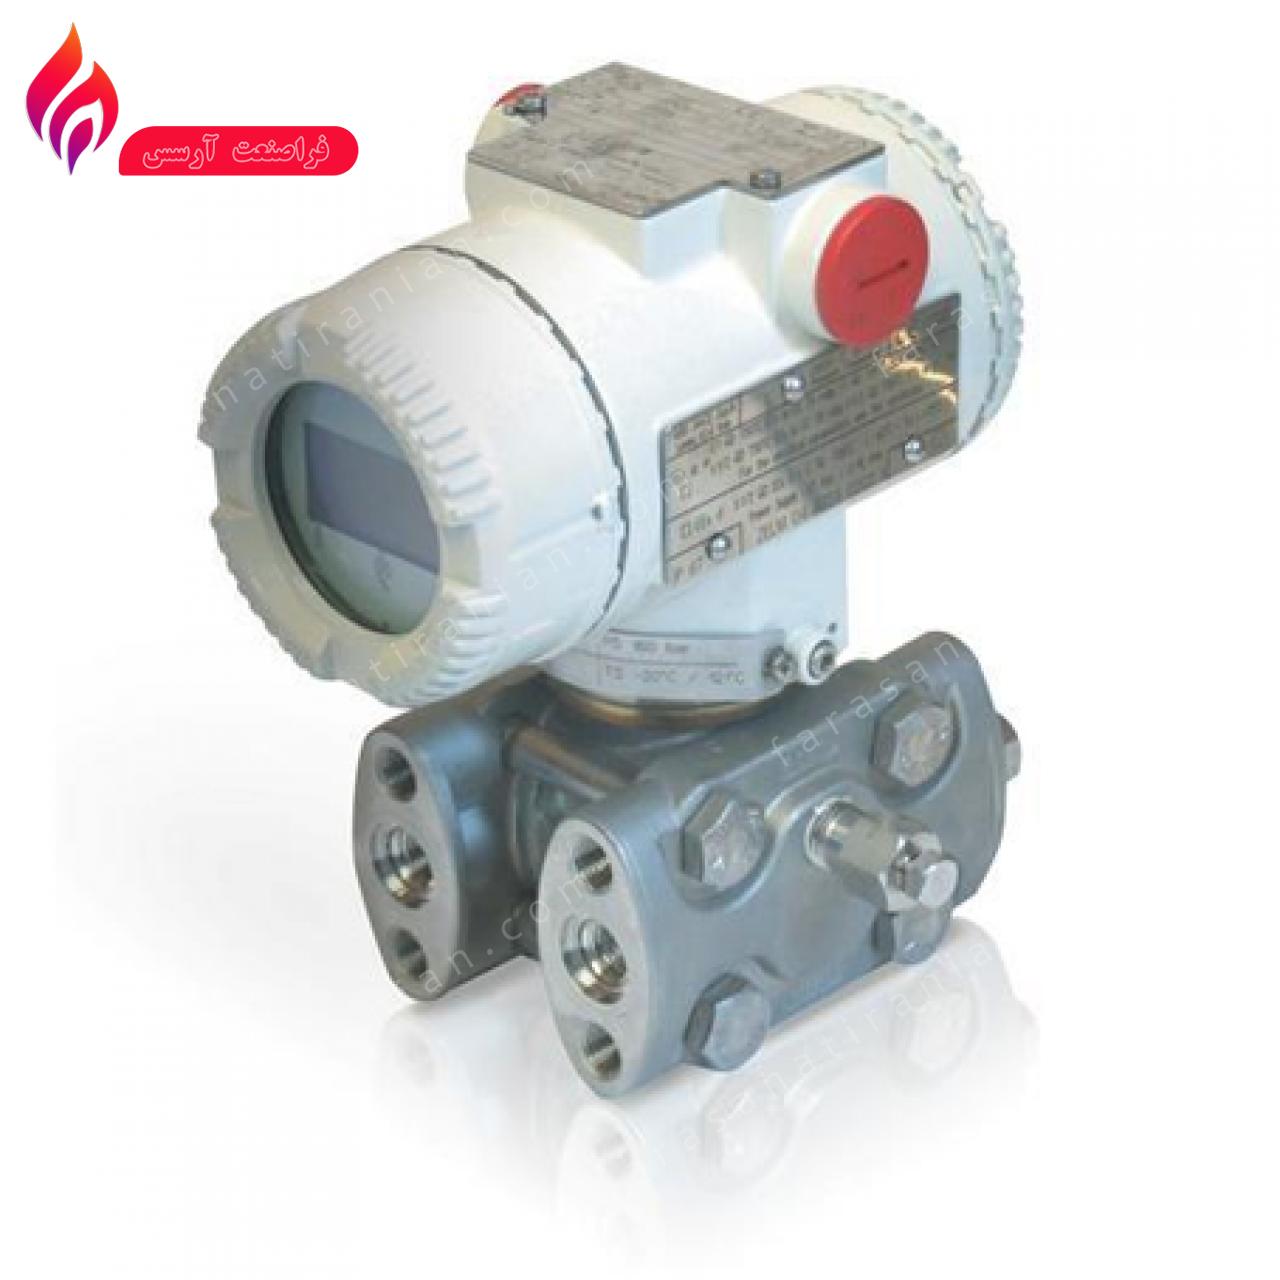 ترانسمیتر فشار ای بی بی 264DS